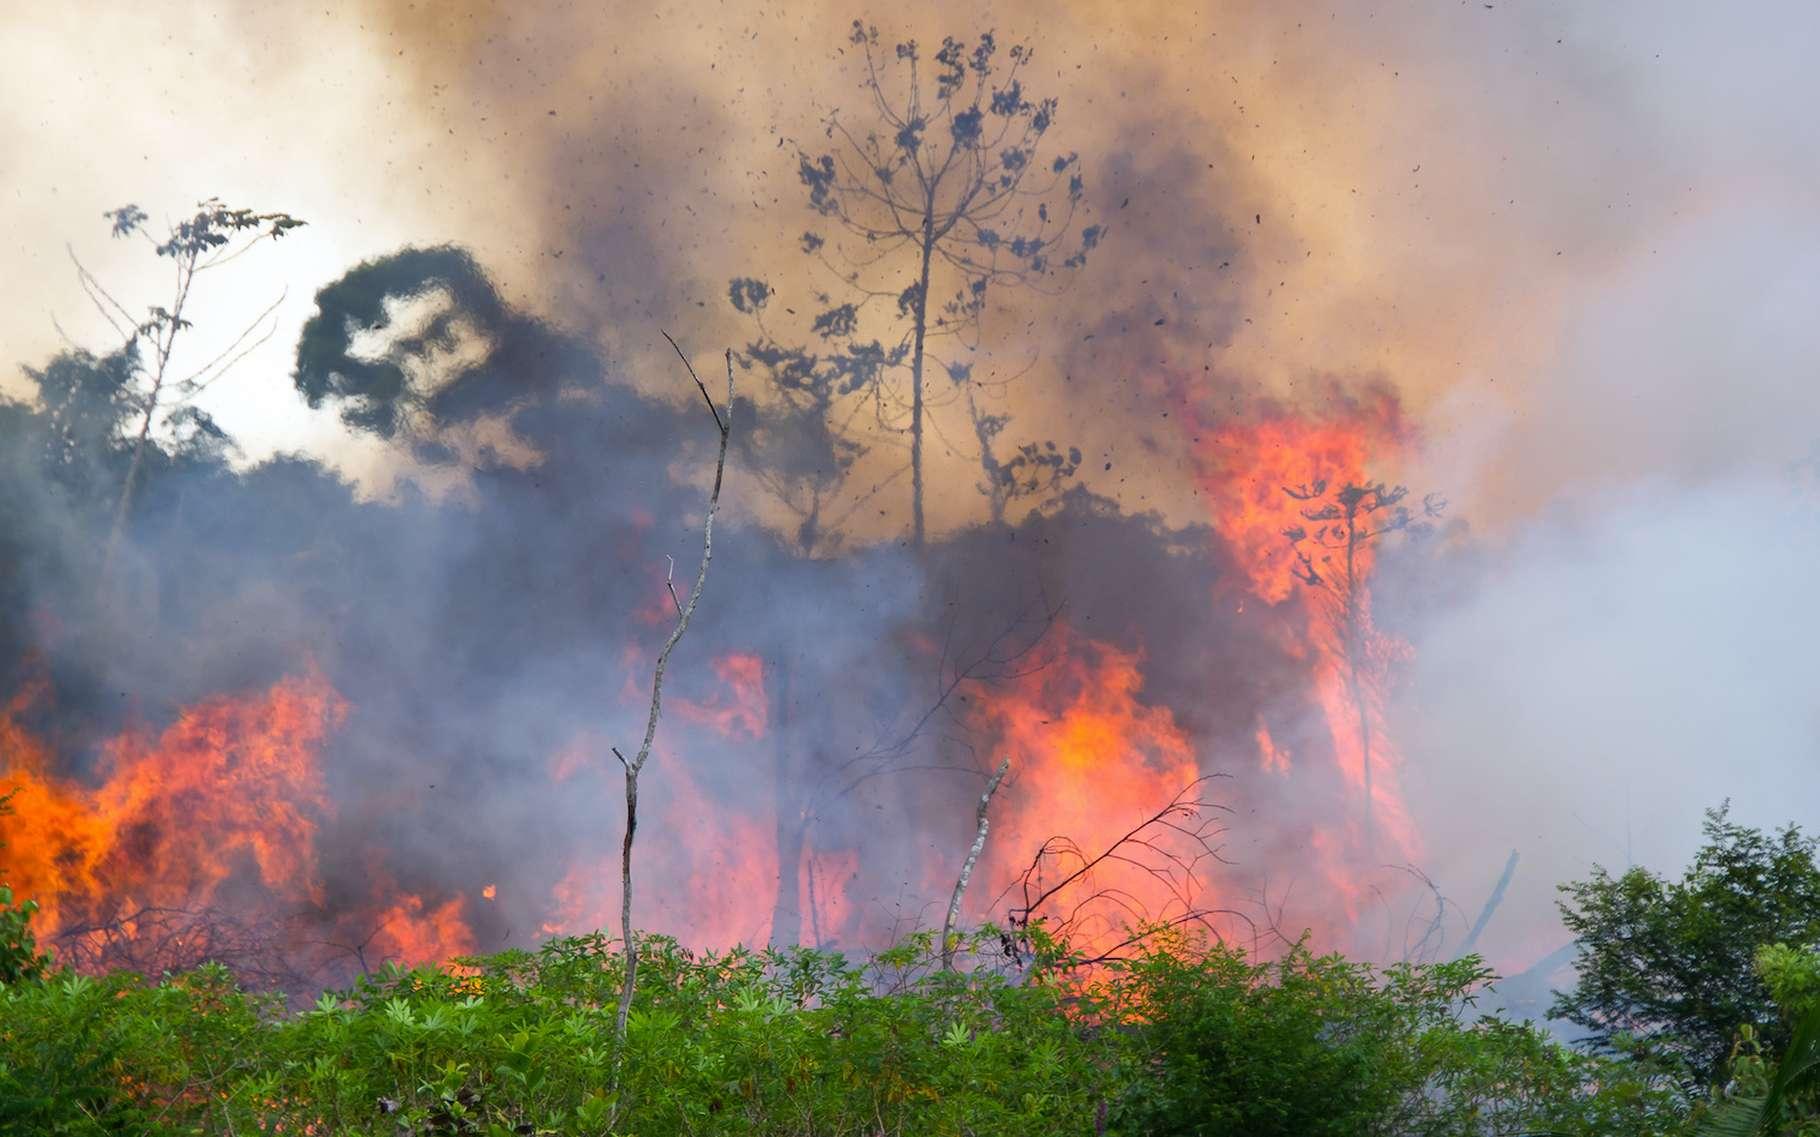 Au mois d'août 2019, la forêt amazonienne a subi trois fois plus d'incendies qu'à la même période en 2018. © pedarilhos, Adobe Stock